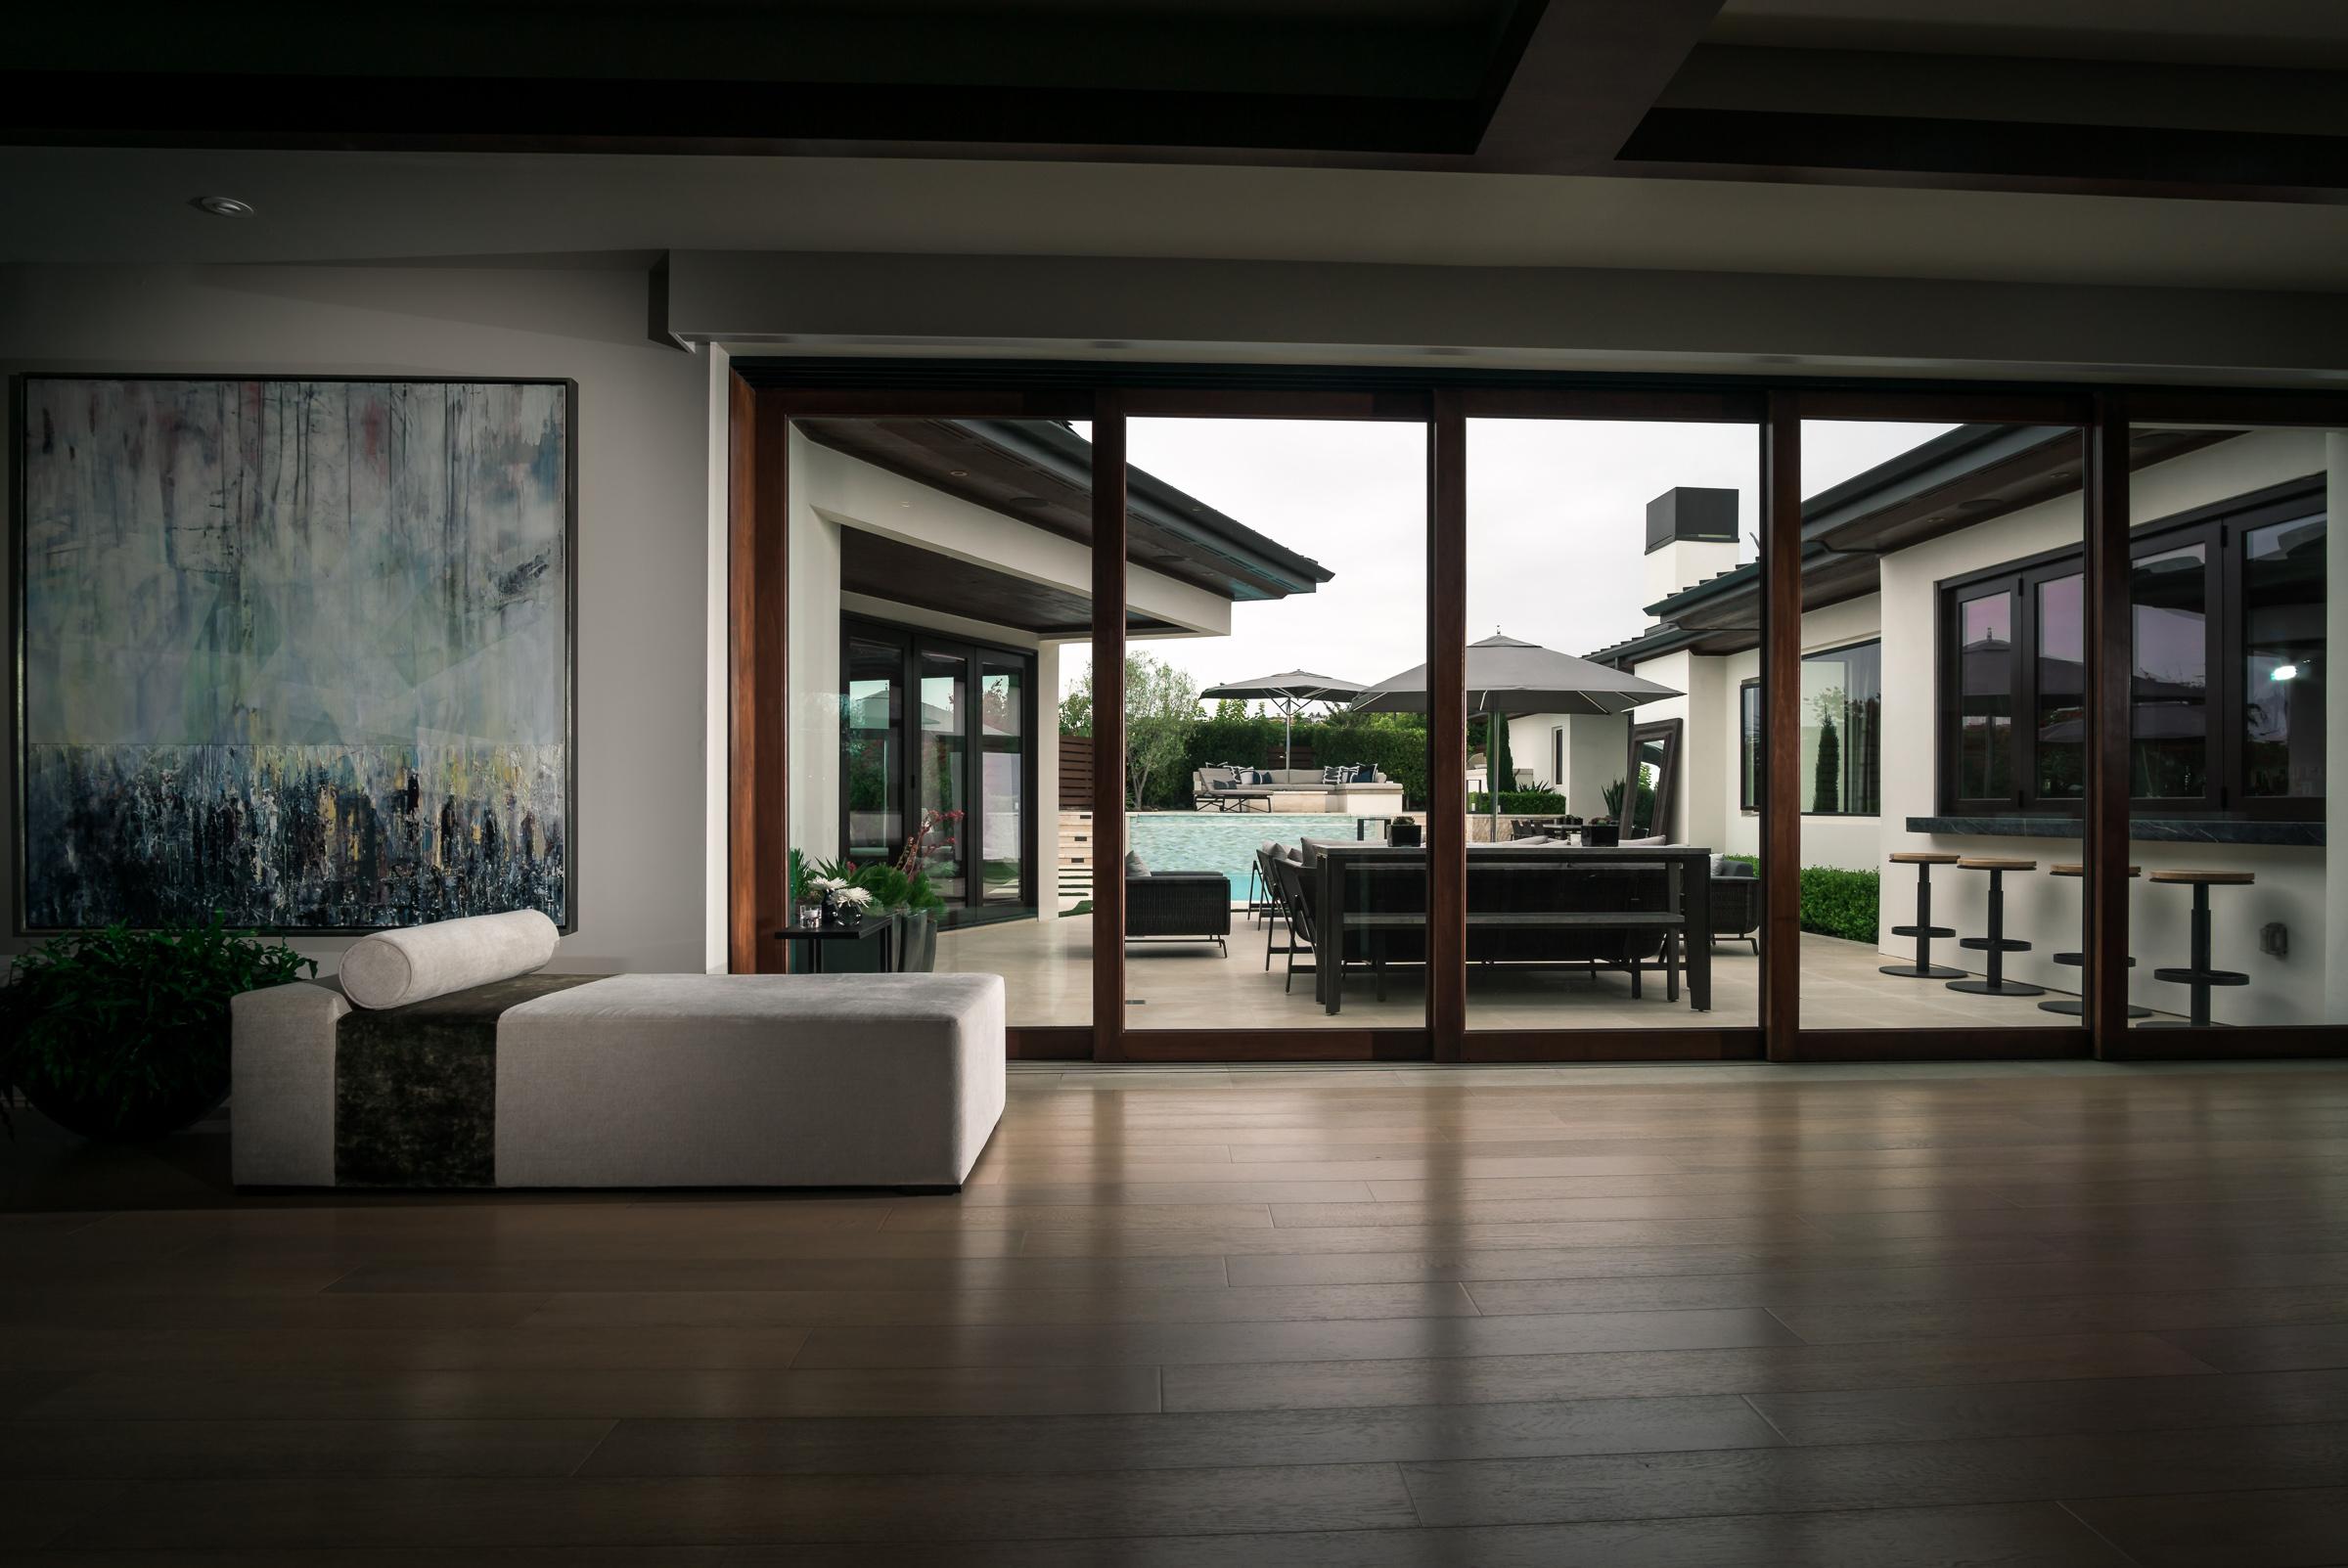 6_Cameo-shores-roxbury_Design-a-Details-Firm_Joseph-Barber-Studios.jpg